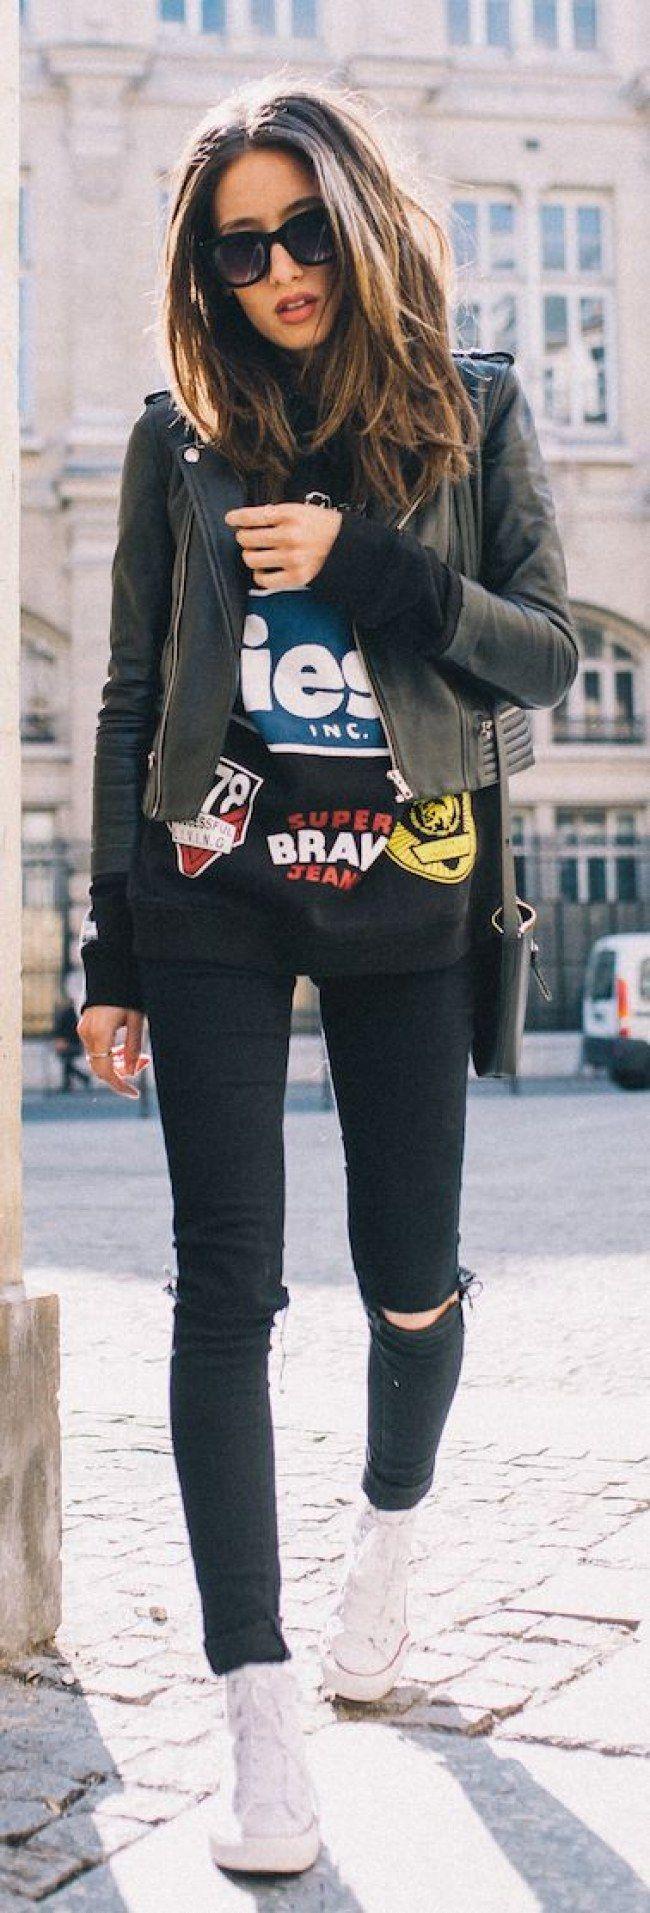 Moletom + casaco                                                                                                                                                                                 Mais